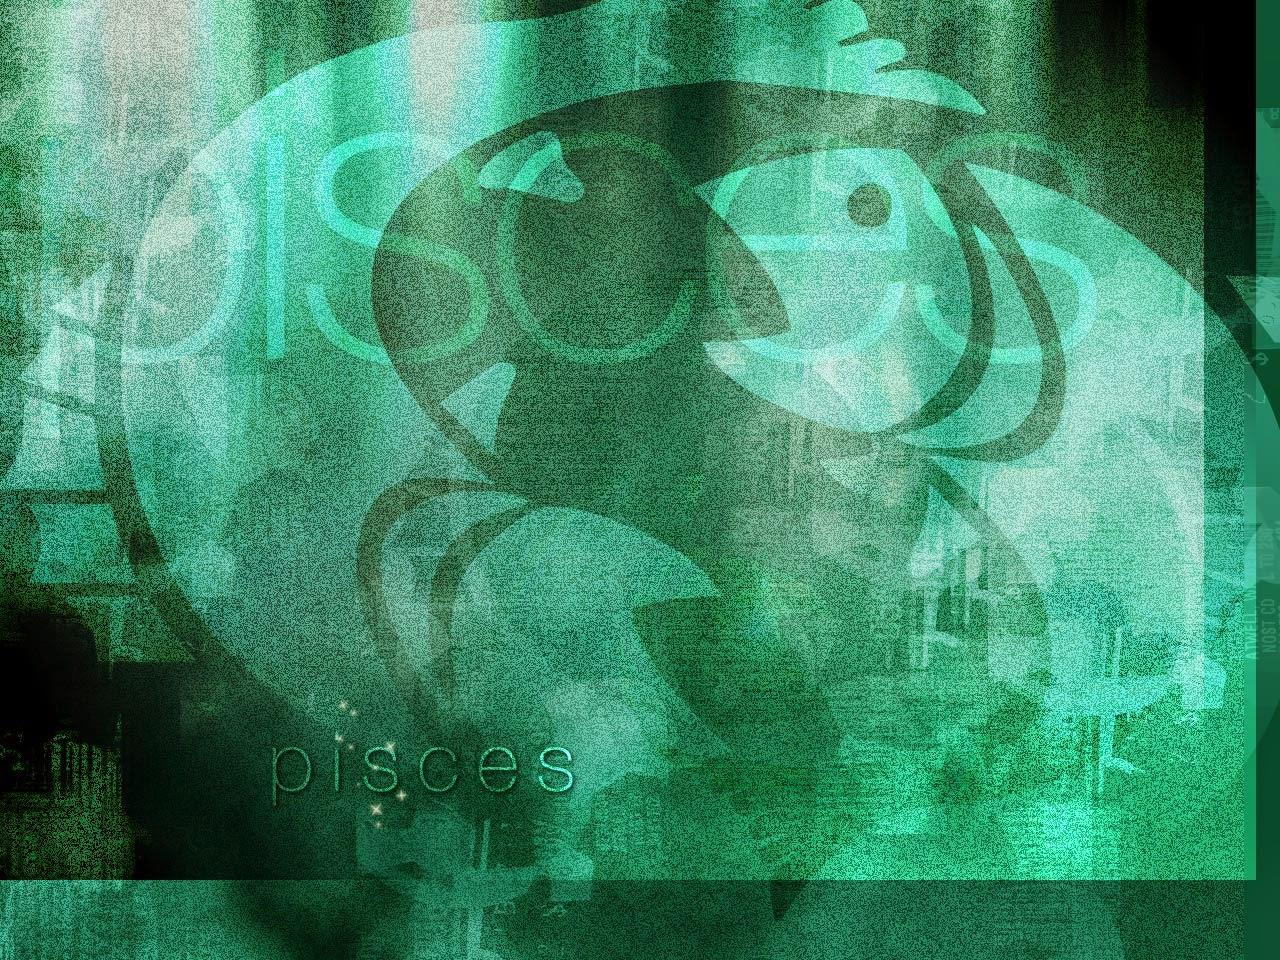 Wallpaper Gratis signo Piscis 06